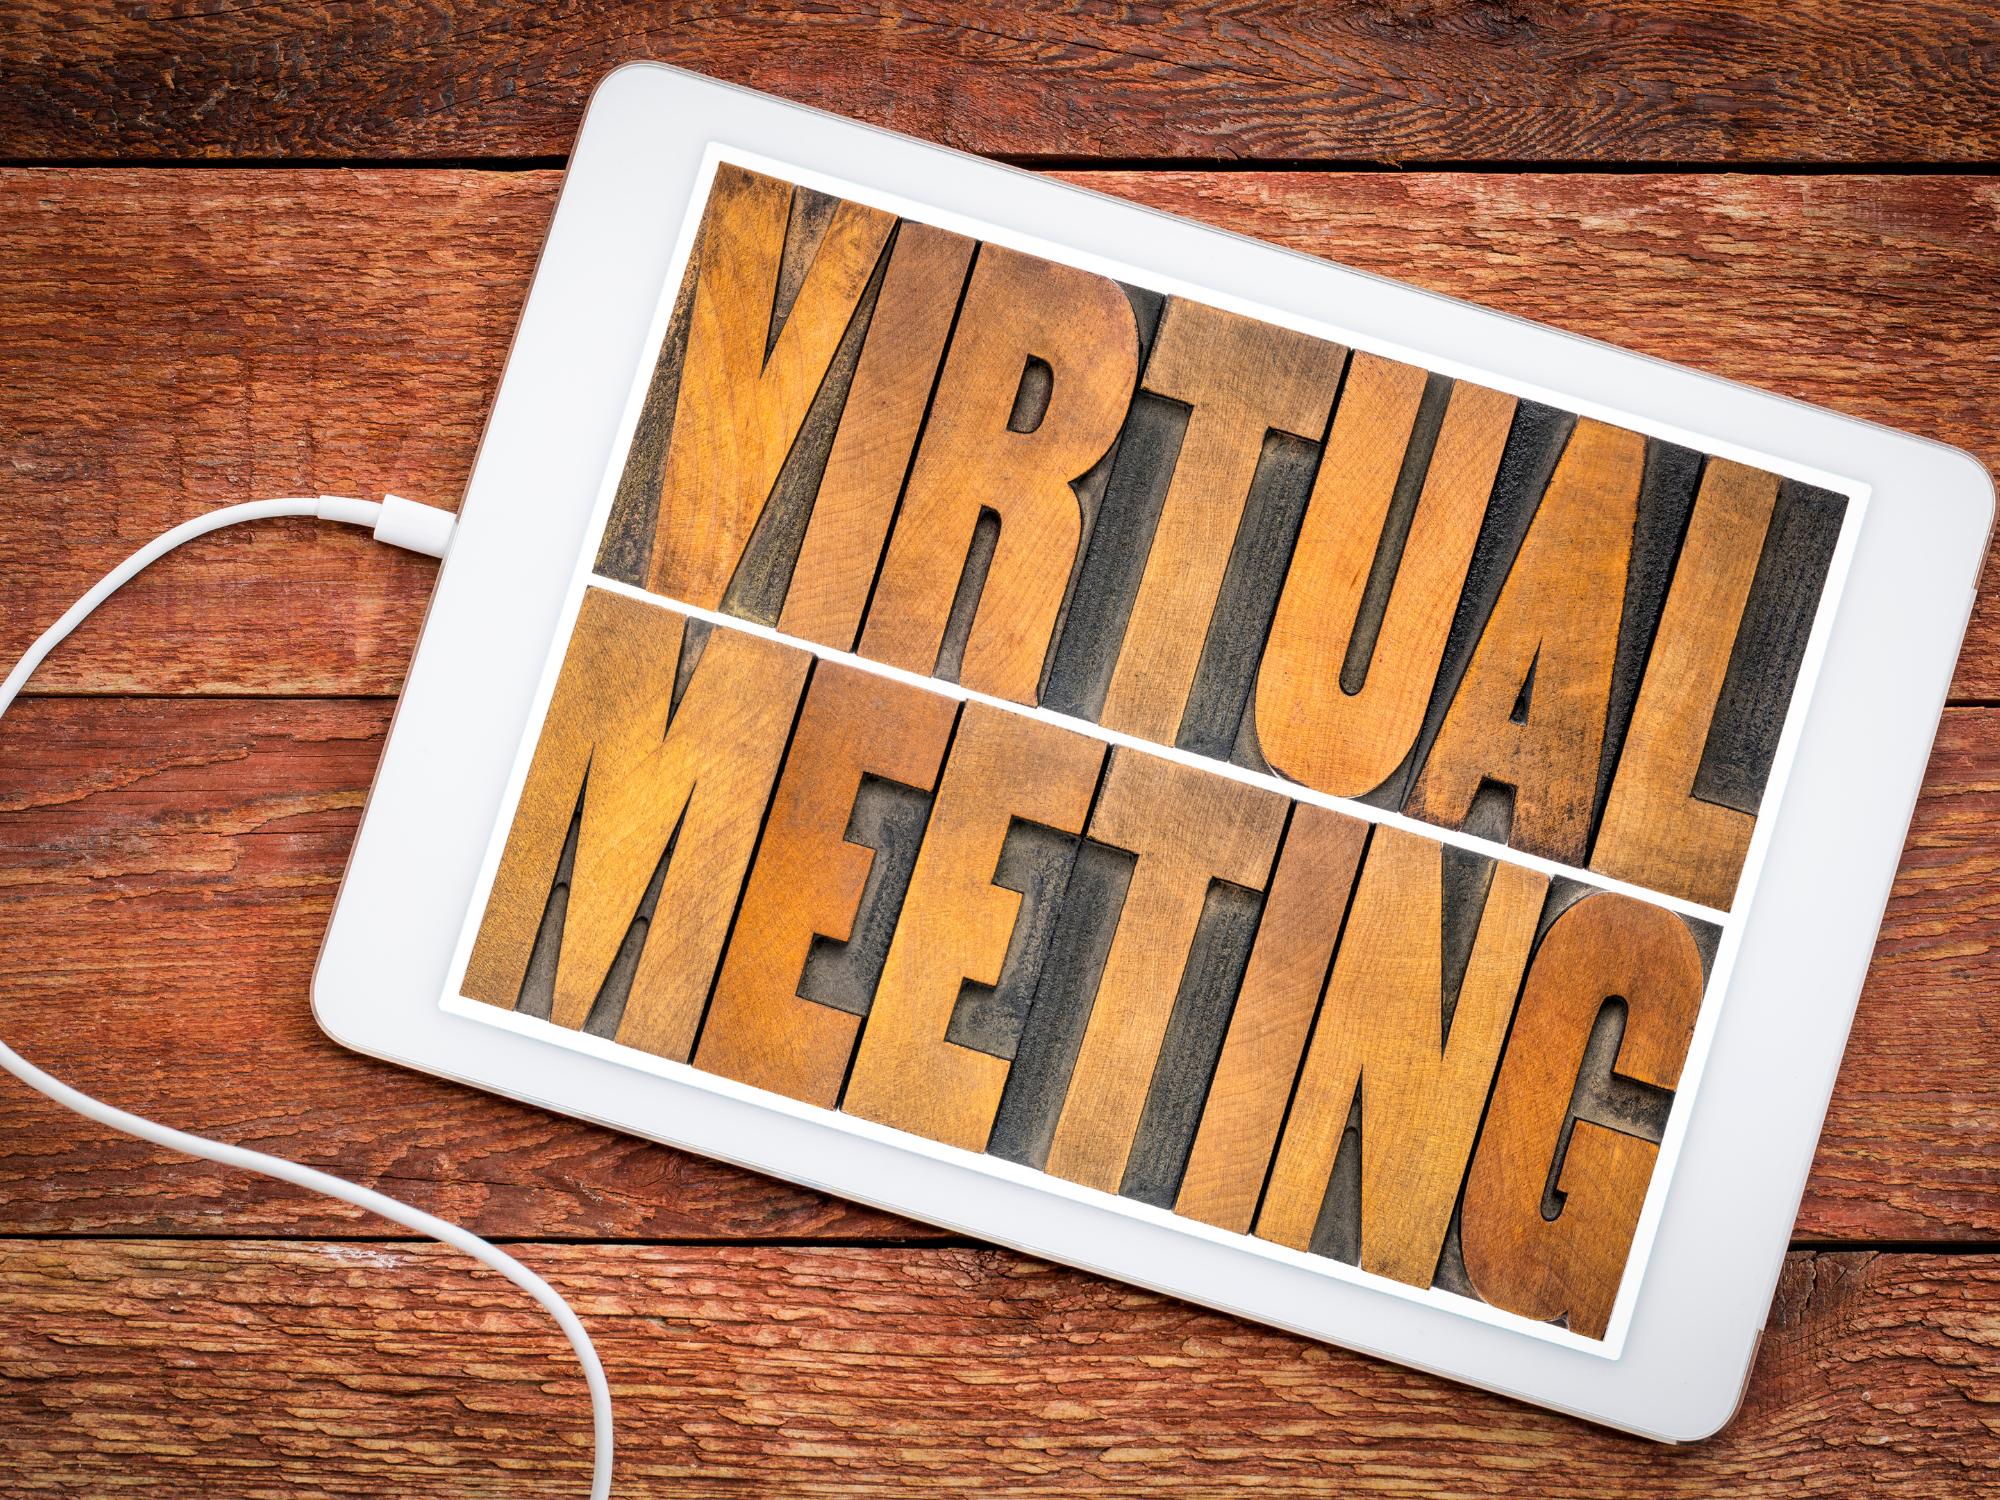 virtual meeting tablet